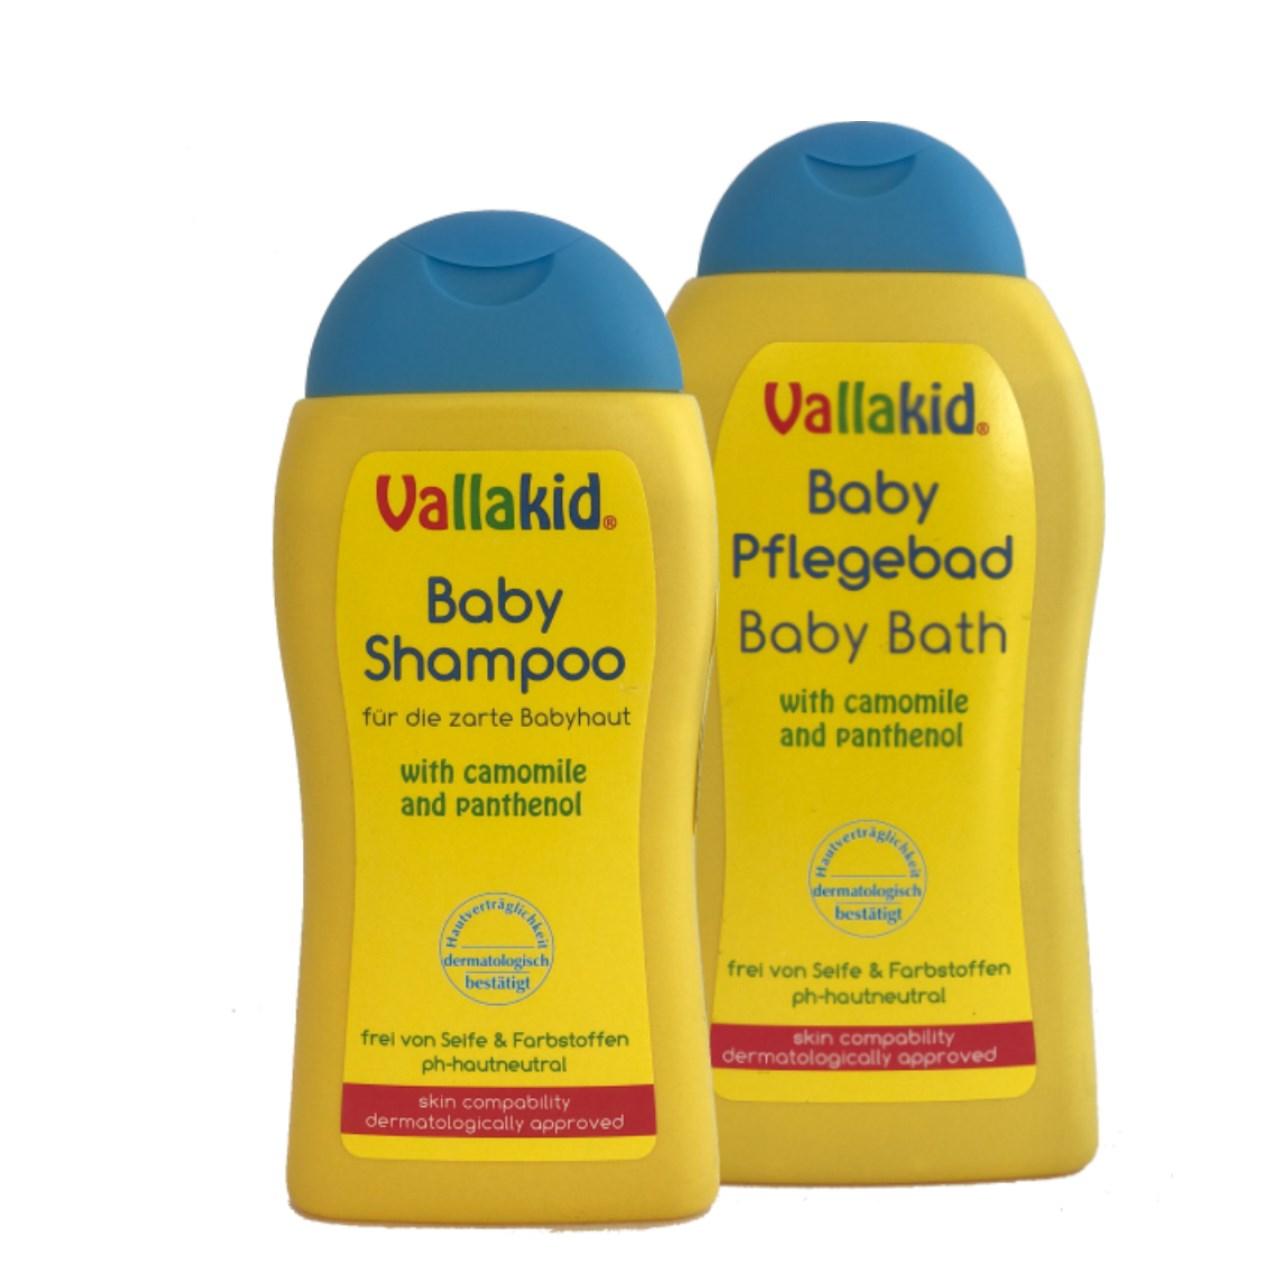 پک شامپو مراقبت از پوست و مو کودک والاکید مجموعه 2 عددی